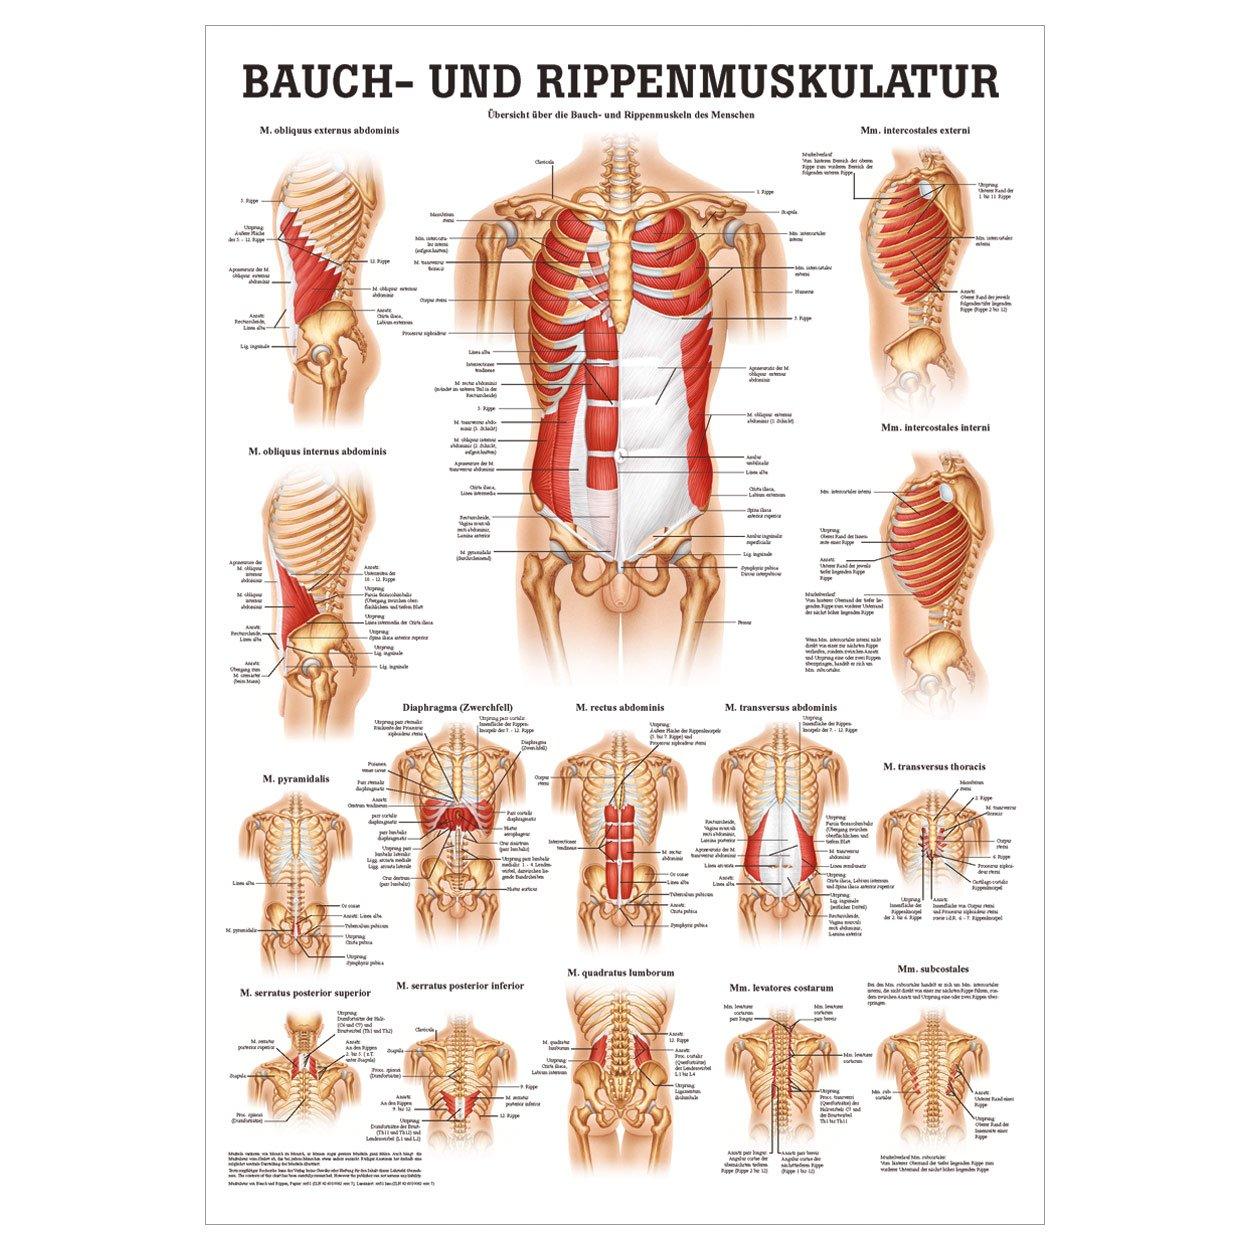 Charmant Rippenmuskulatur Anatomie Zeitgenössisch - Menschliche ...